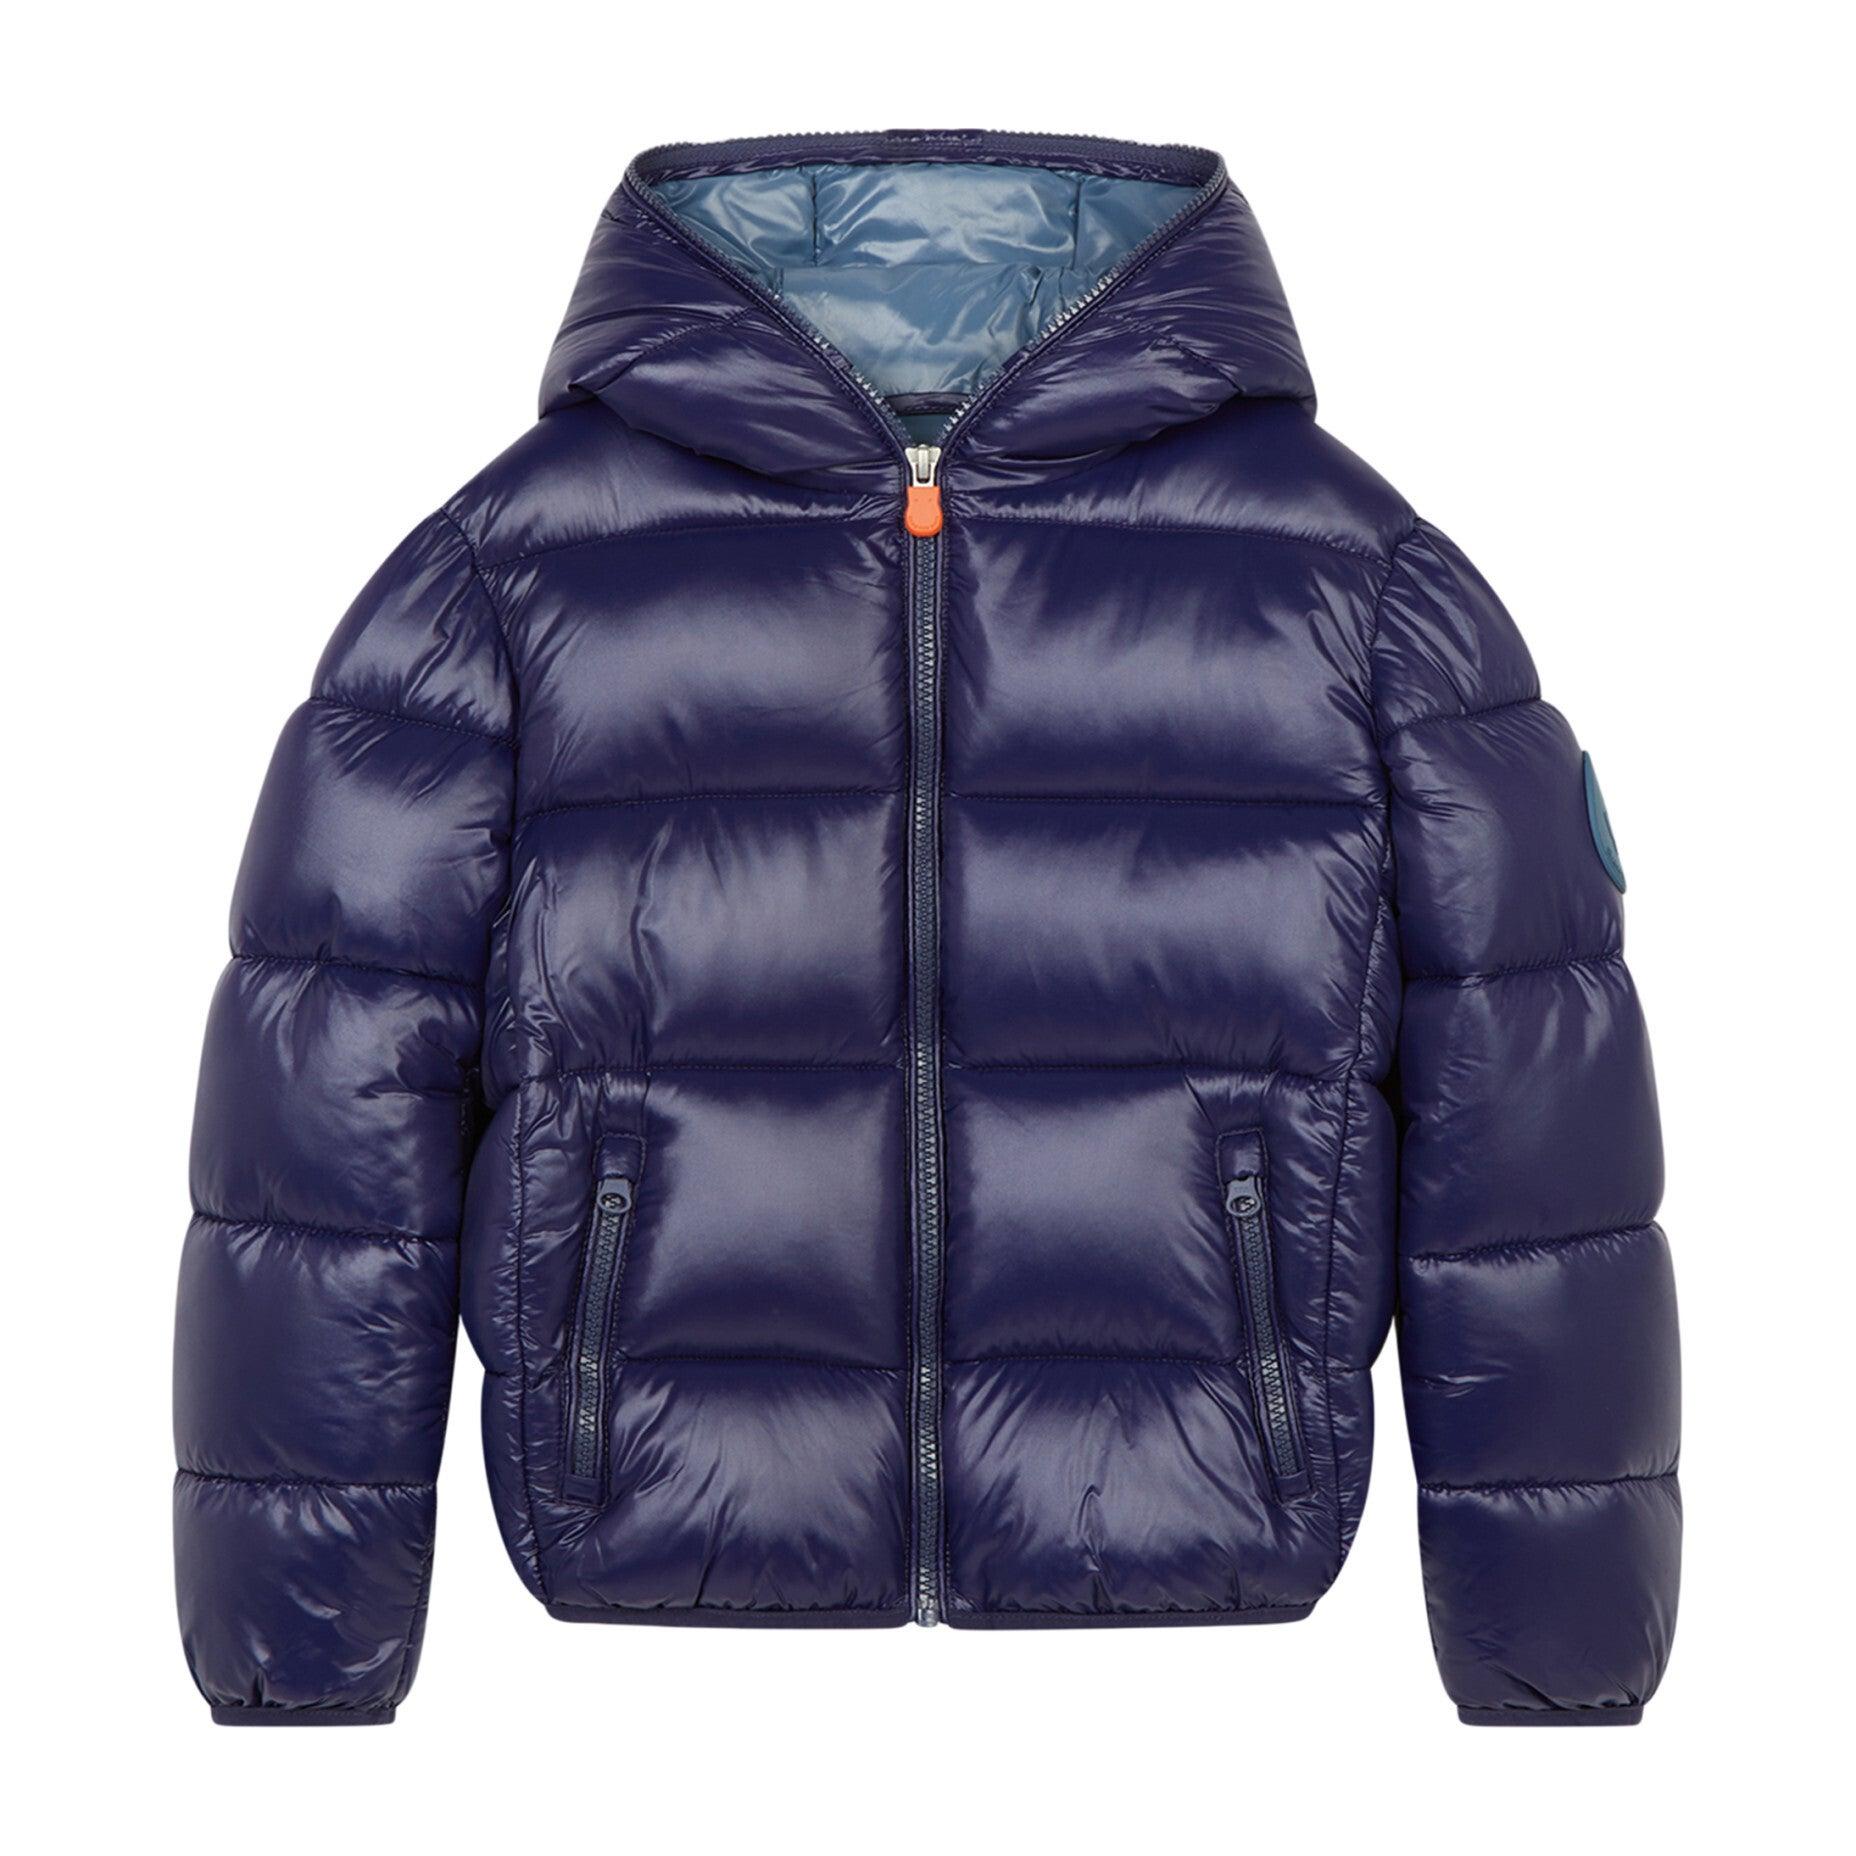 Oversized Boy's Luck Hooded Puffer Jacket, Evening Blue